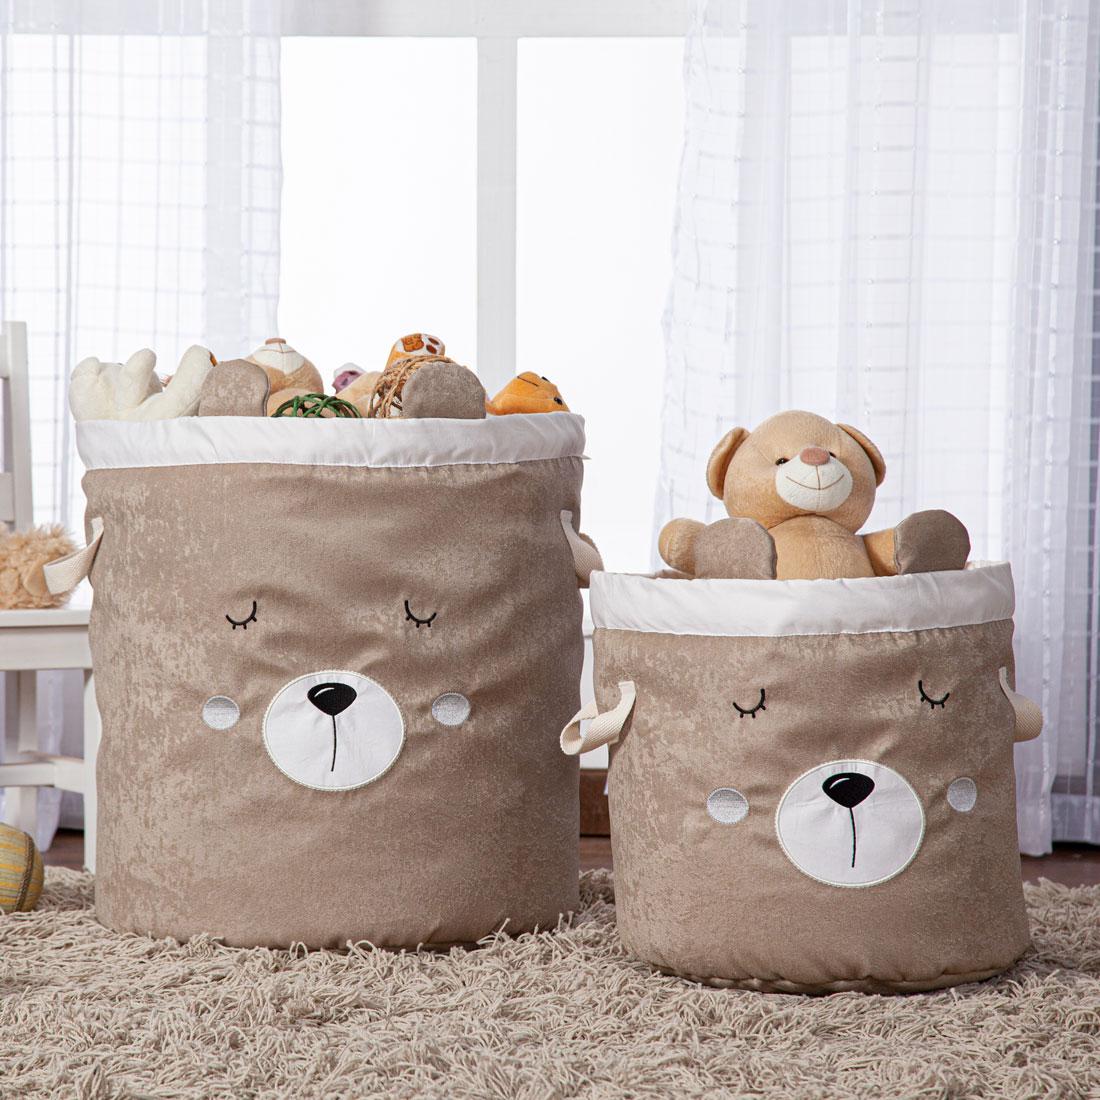 Kit 2 Peças Cestos Organizadores de Brinquedos e Roupas com Alça Suede Urso Bege e Palha